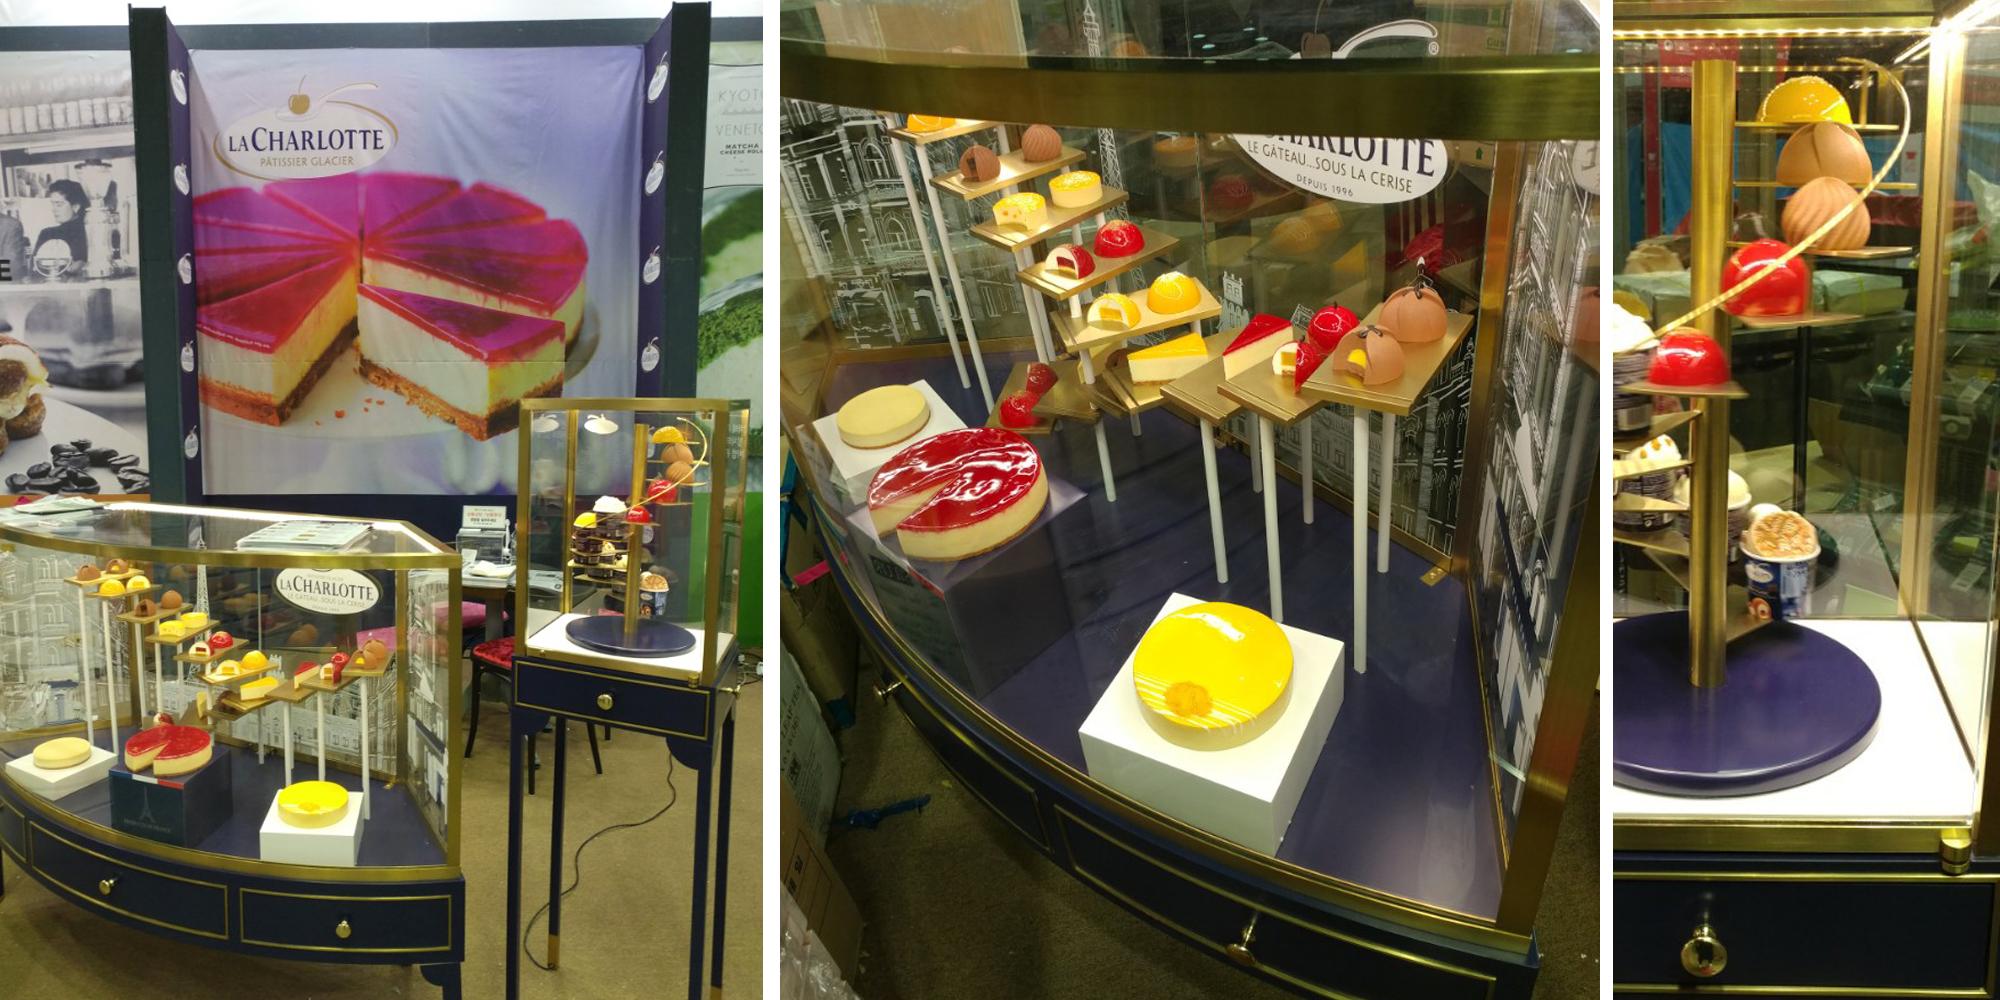 vitrine de présentation avec pâtisseries factices made by Atelier Cobalt Fx pour Merchandising d'un Corner de vente Senoble La Charlotte